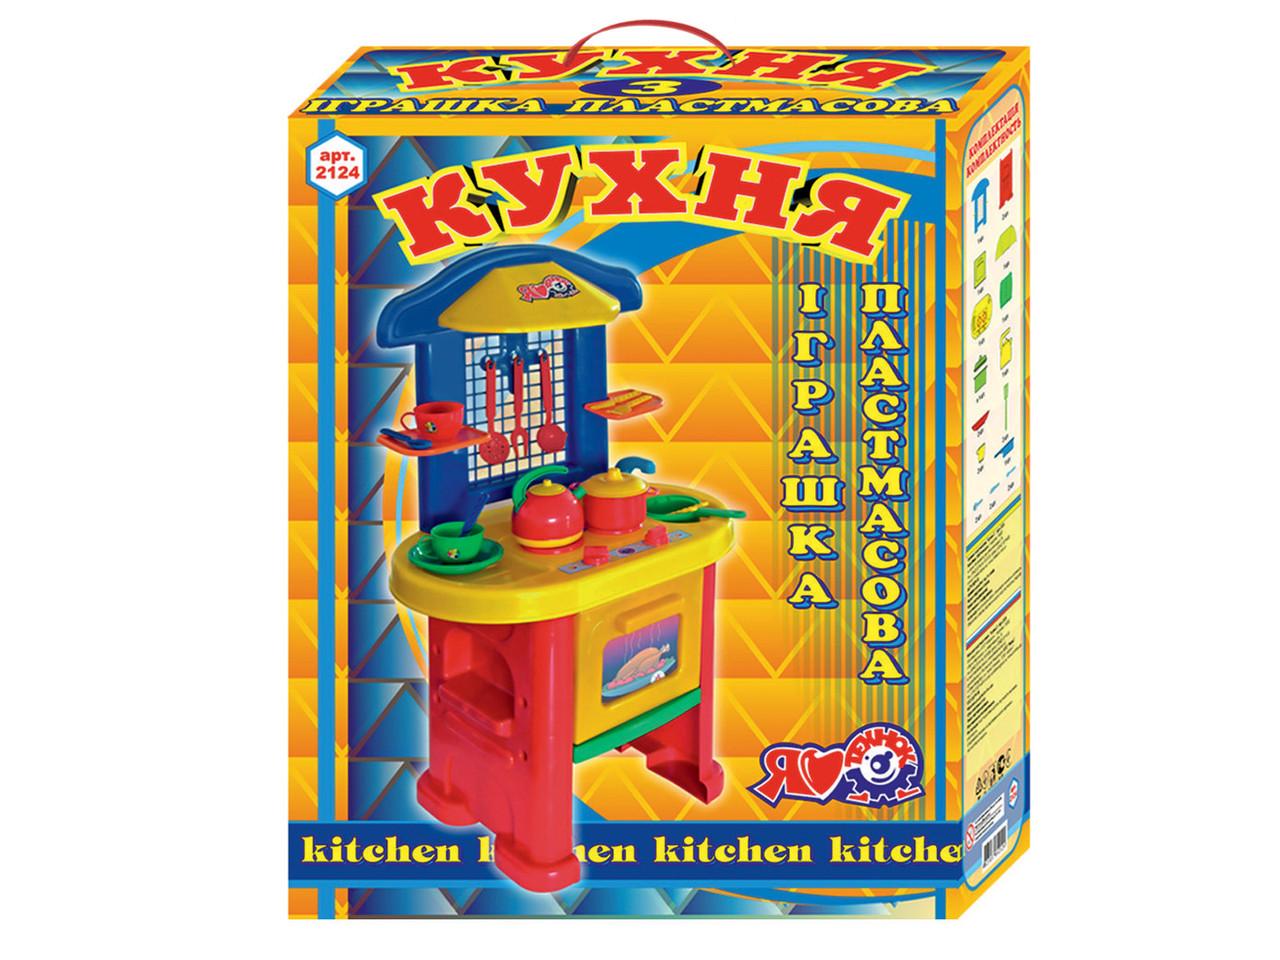 Кухня - 3 2124 Технокомп